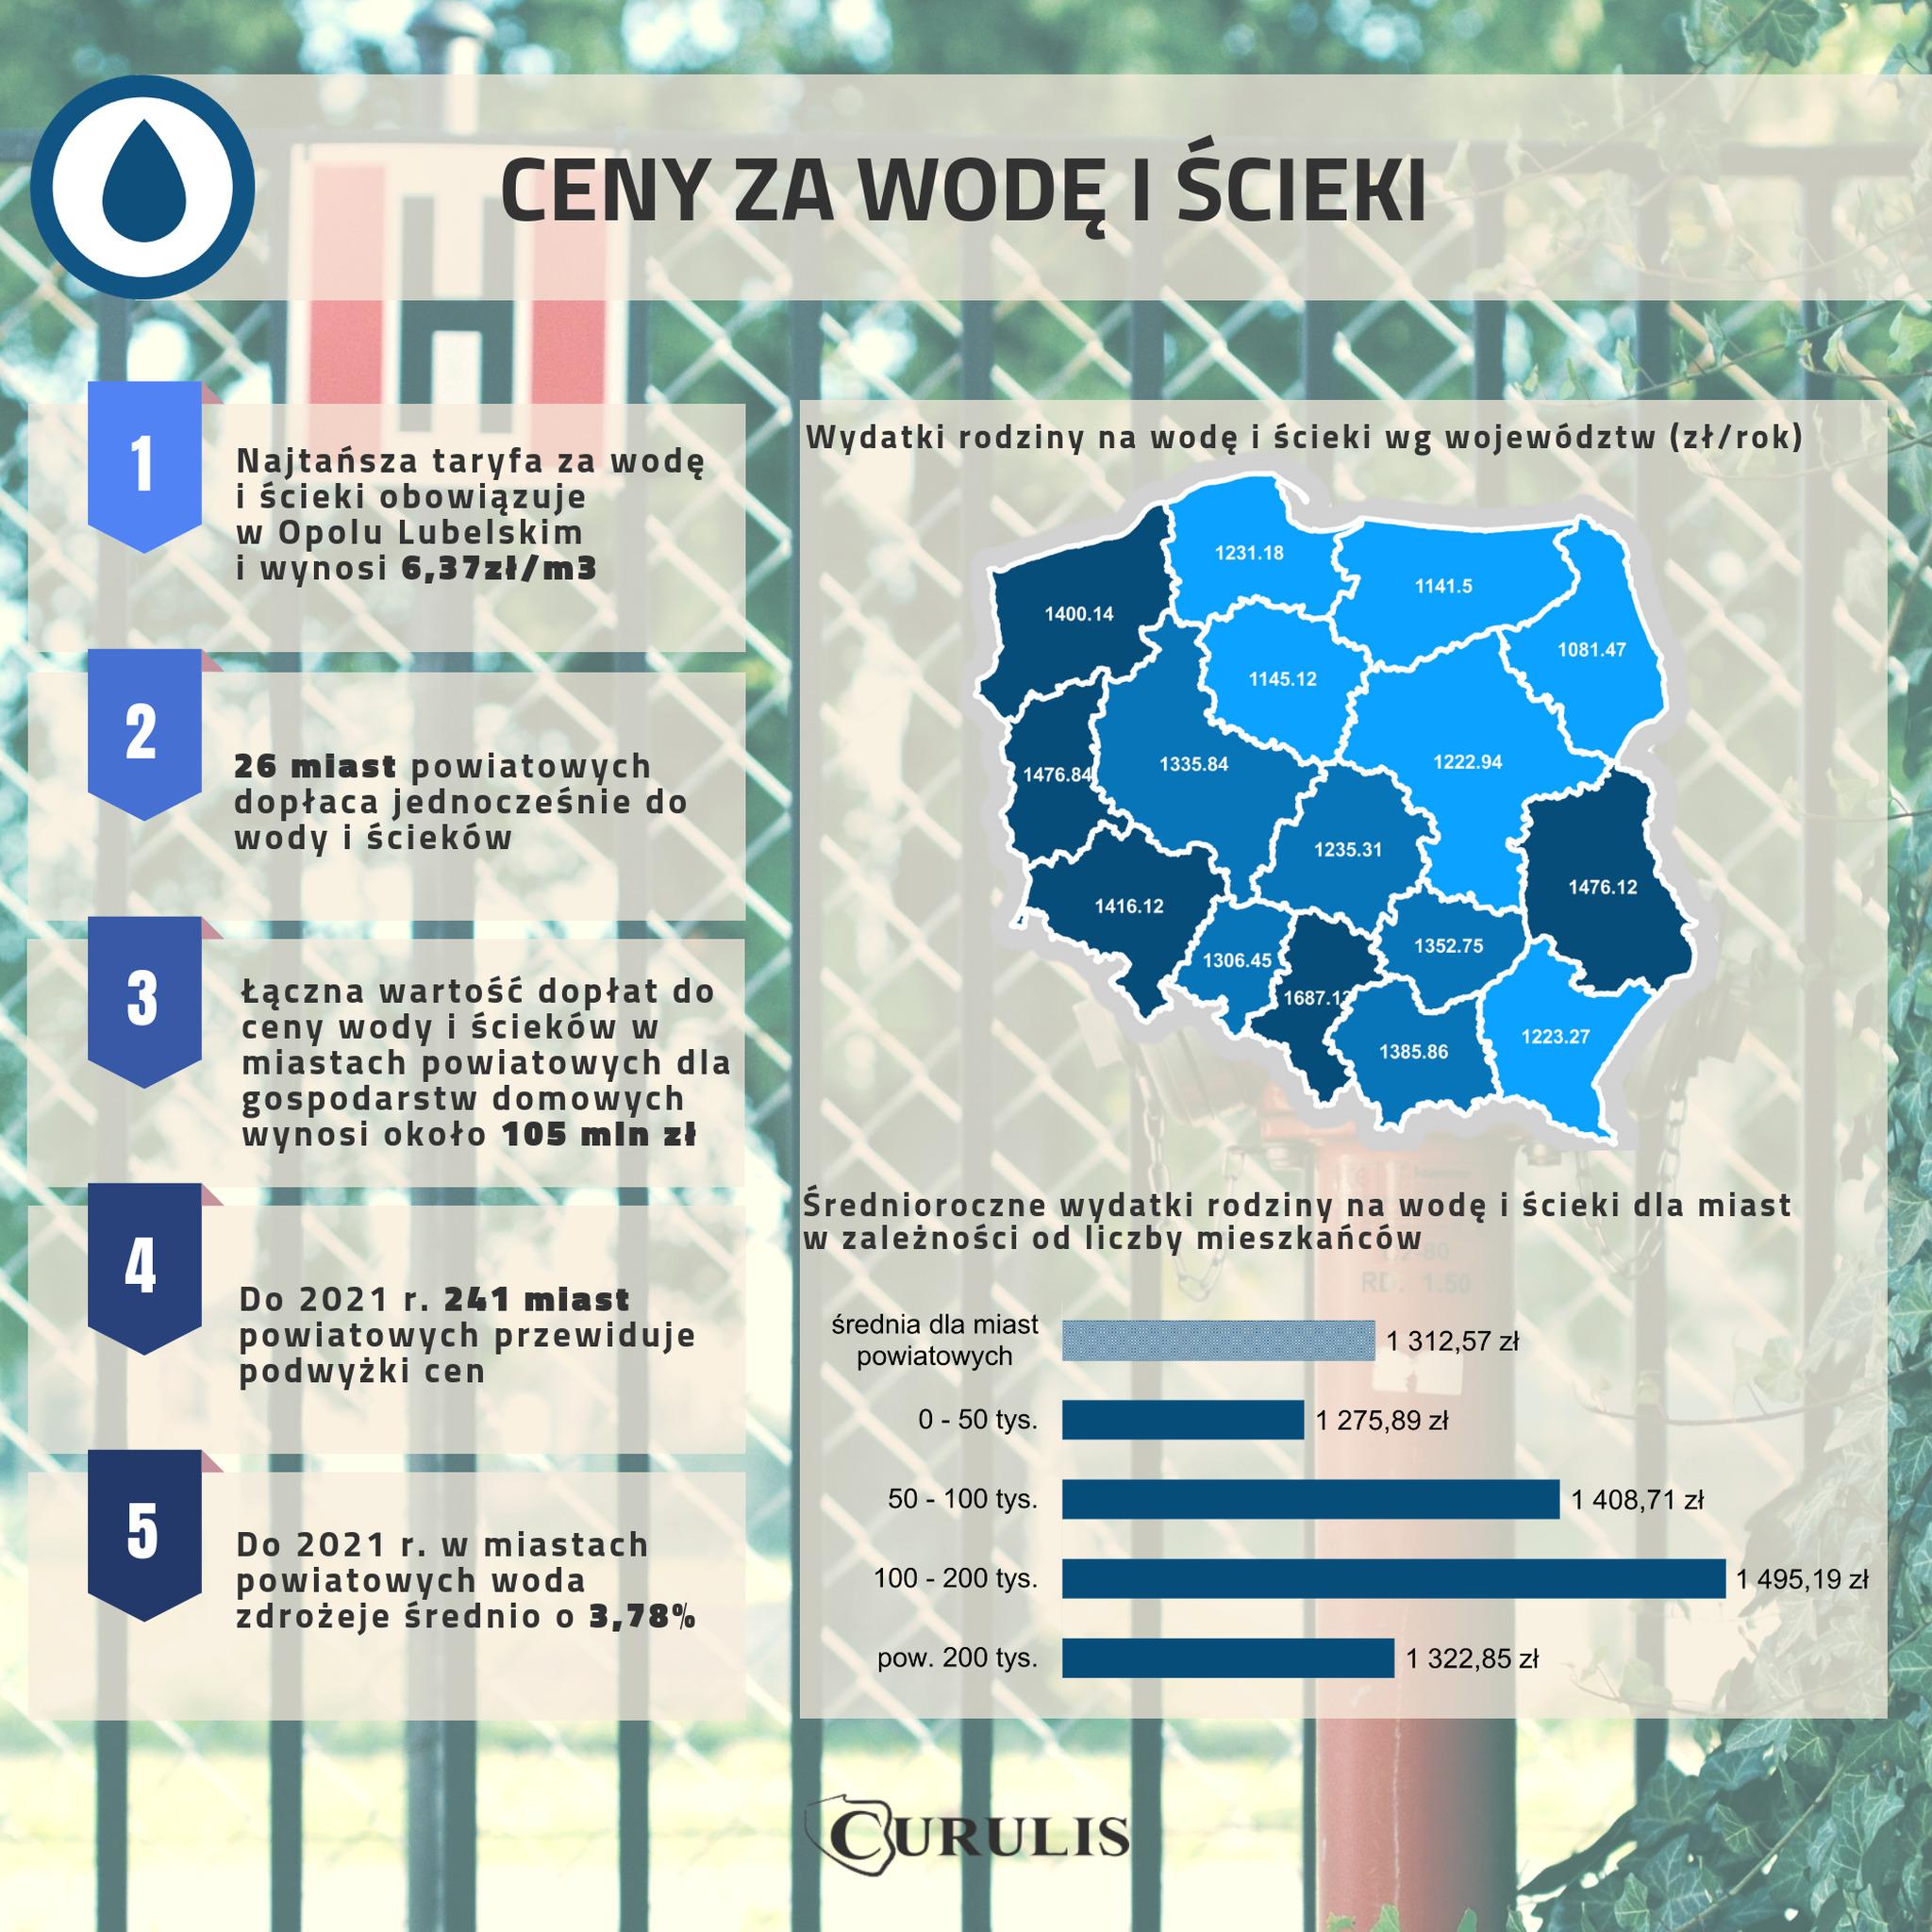 Infografika #6 - Koszty wody i ścieków